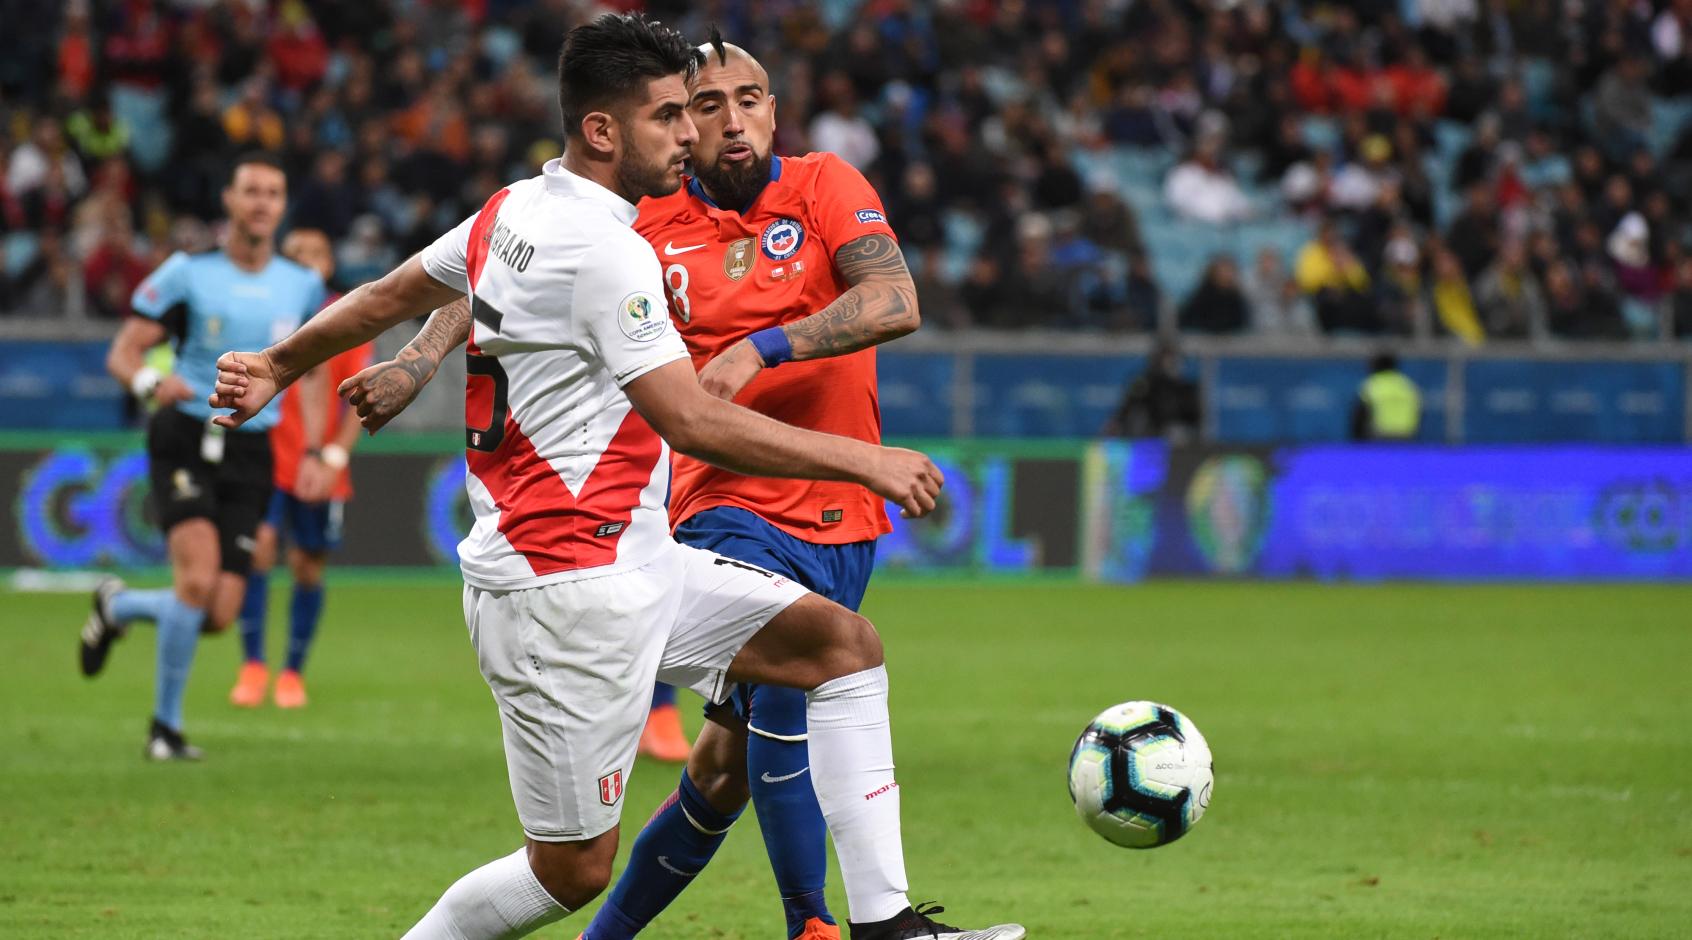 """Спортивный директор """"Альянса Лима"""": """"Игрока уровня Самбрано трудно вернуть в перуанский футбол"""""""